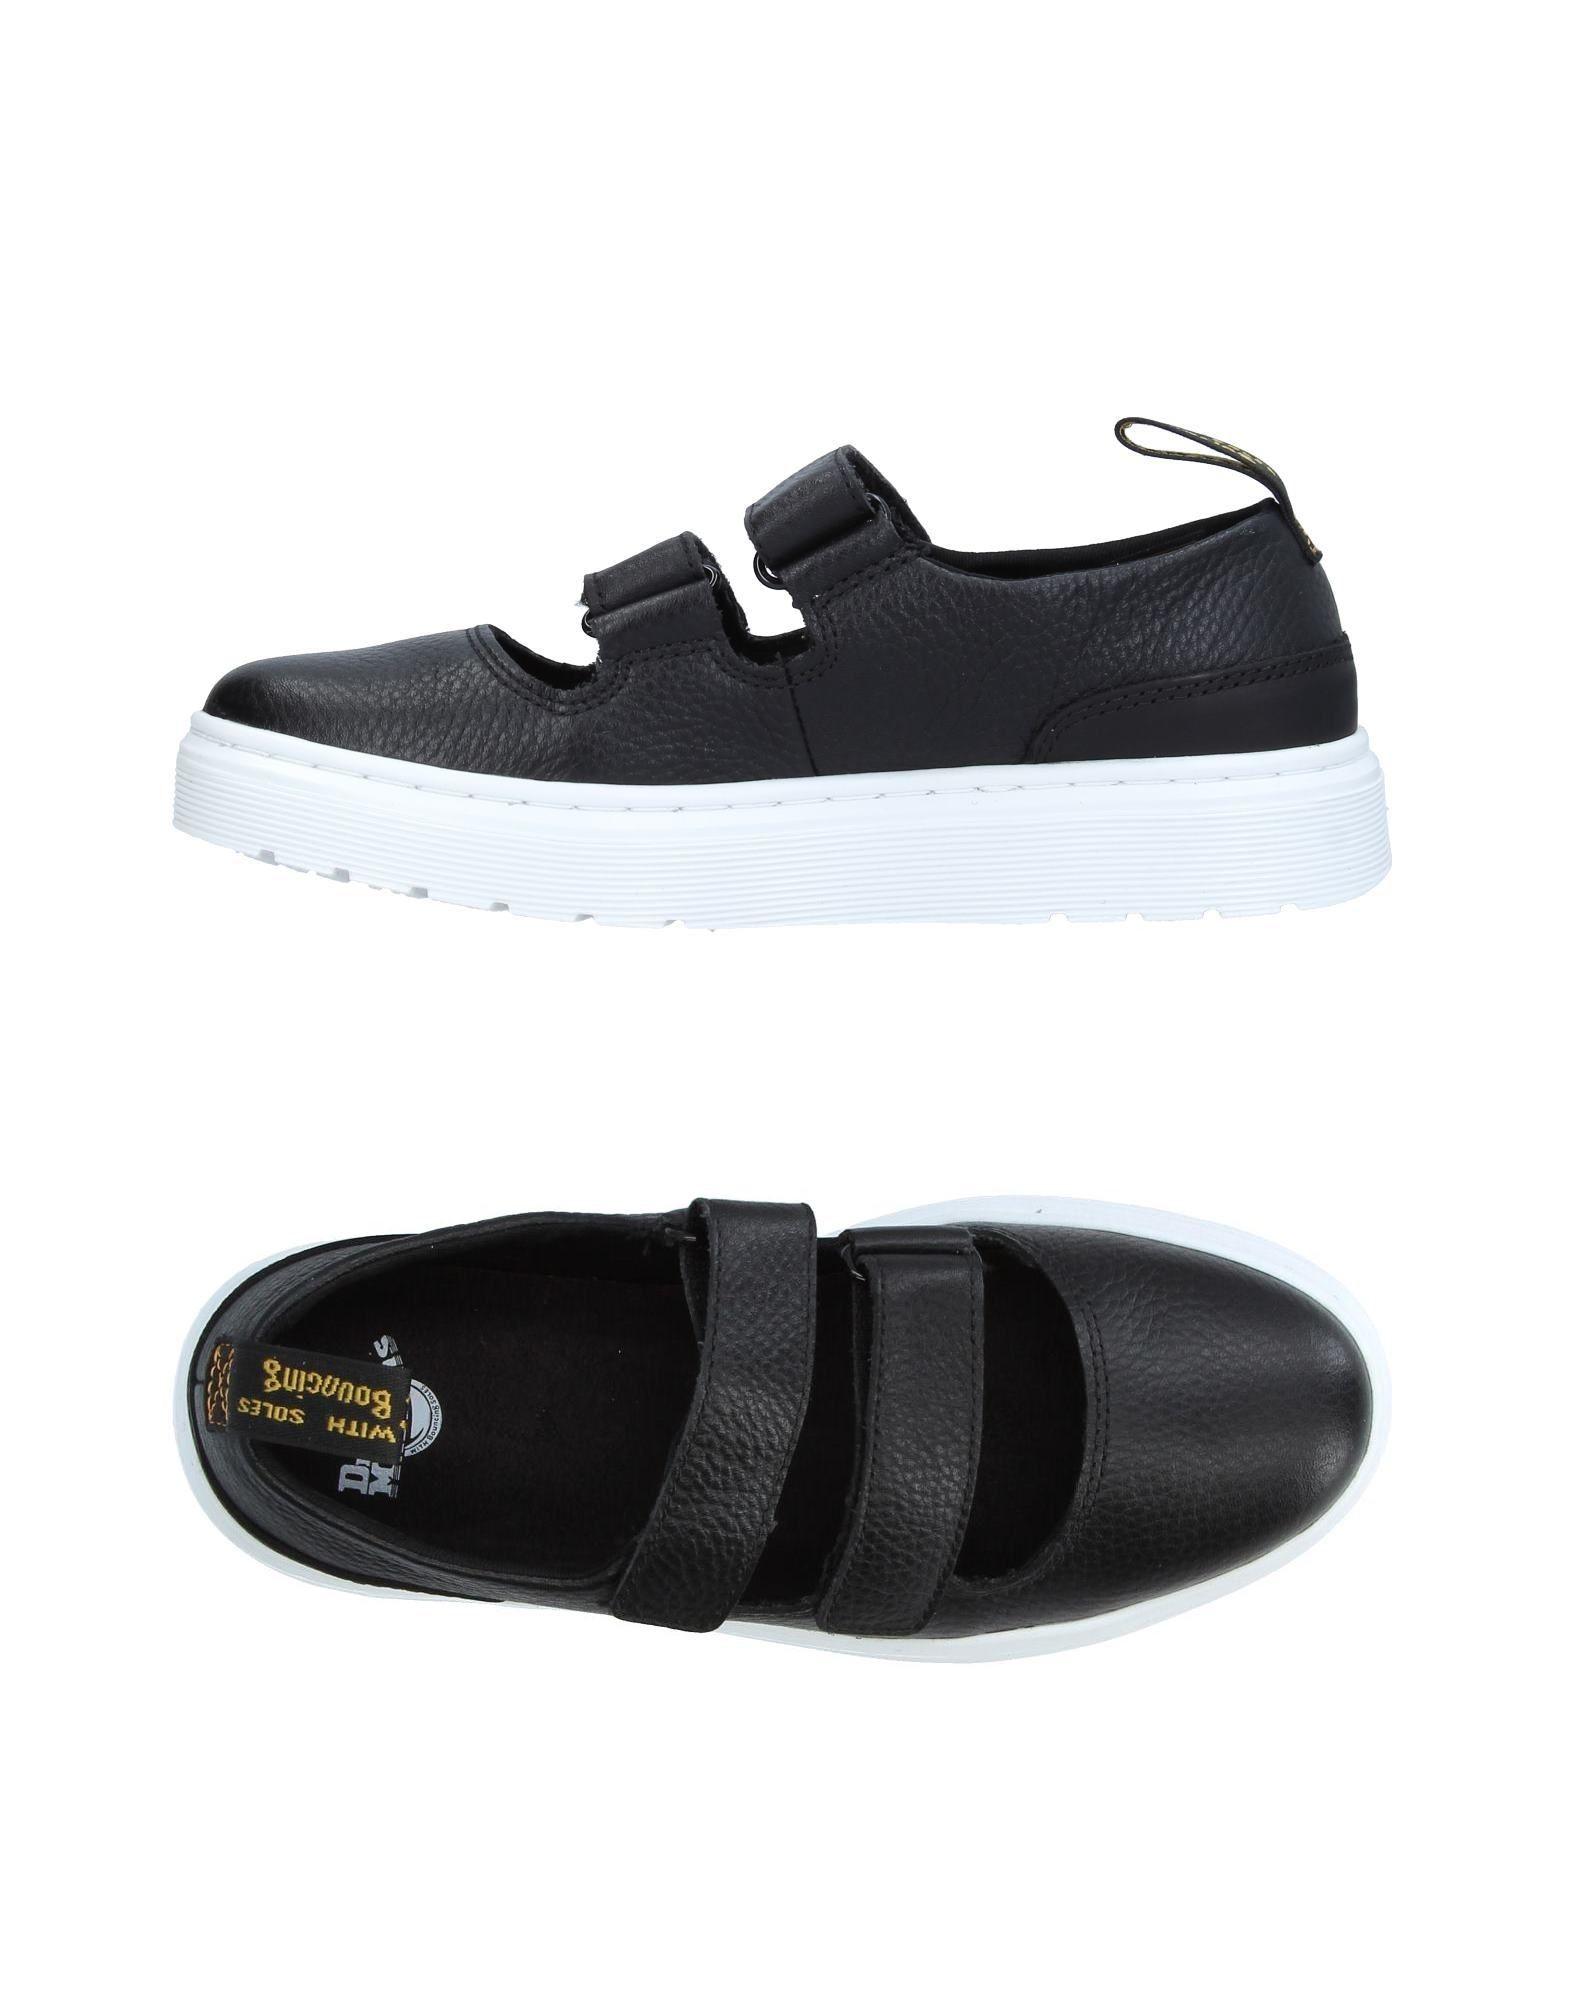 Dr. Martens Sneakers Damen  11347713FT Gute Qualität beliebte Schuhe